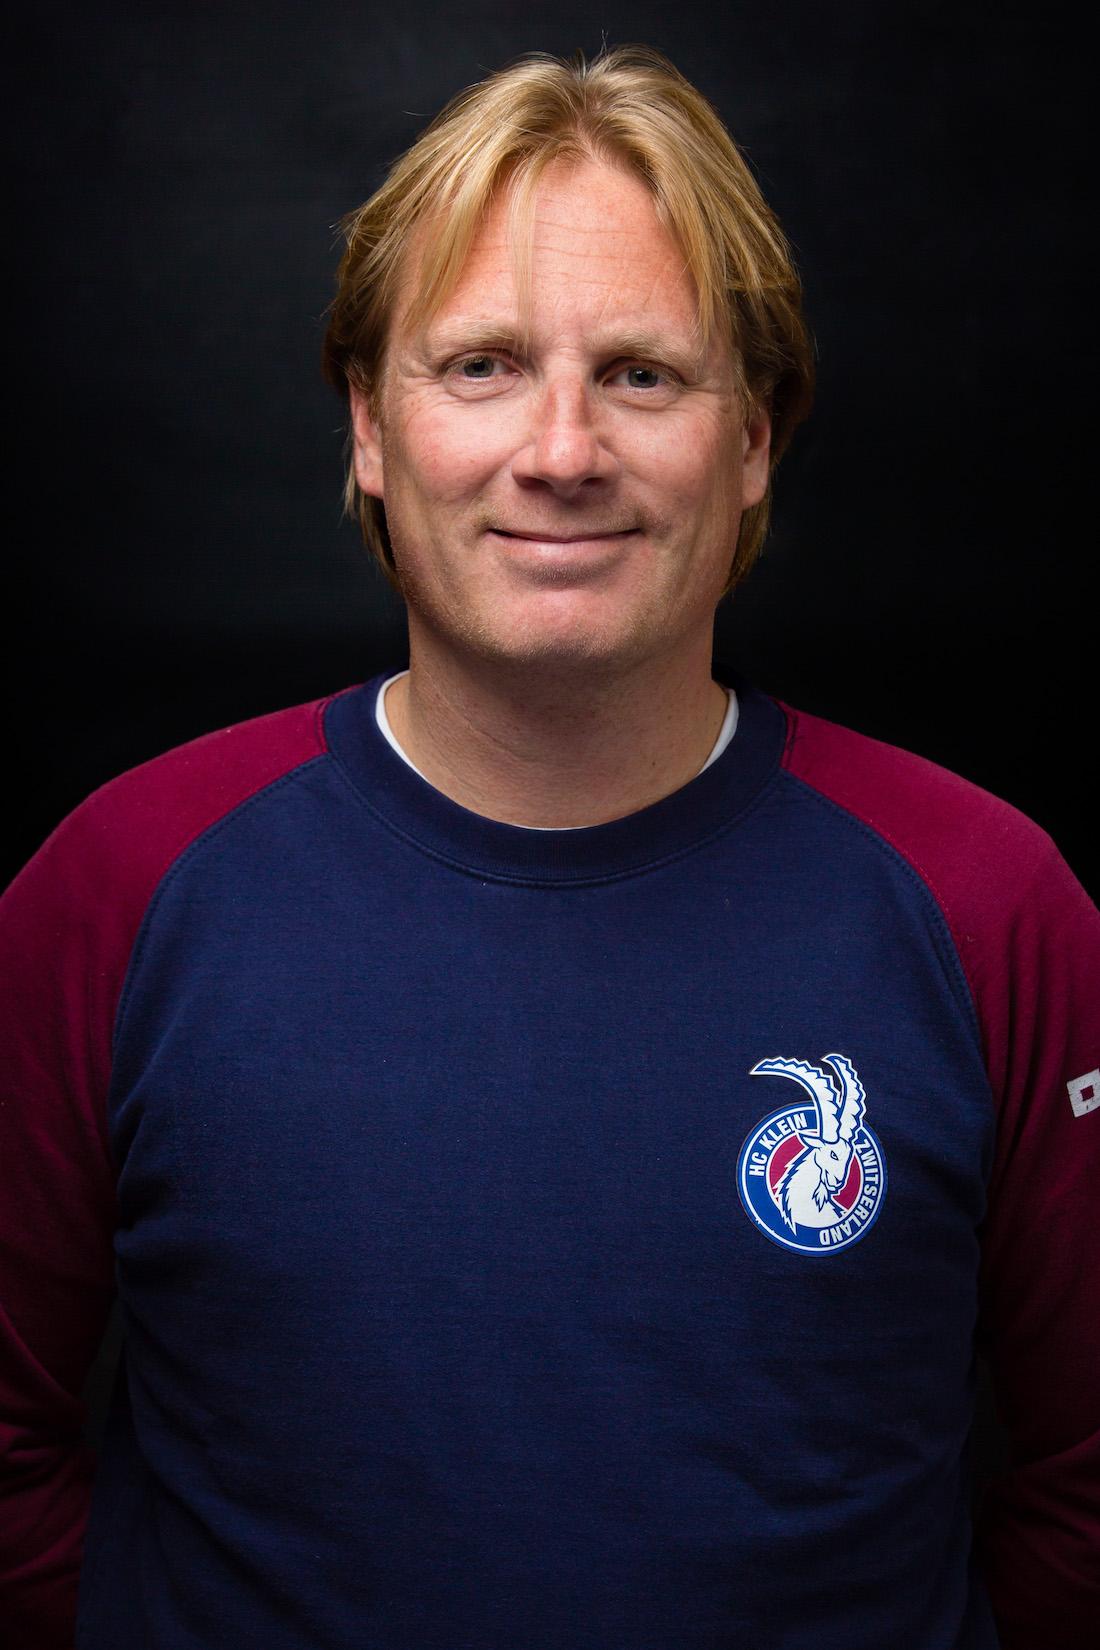 Don Tissen vertrekt als assistent-coach bij Klein Zwitserland